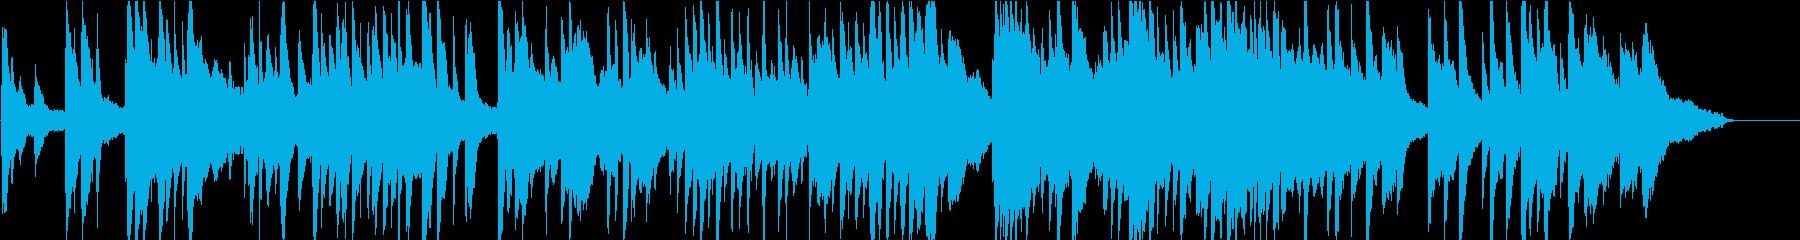 優しく落ち着く感じのピアノ曲(ショート版の再生済みの波形